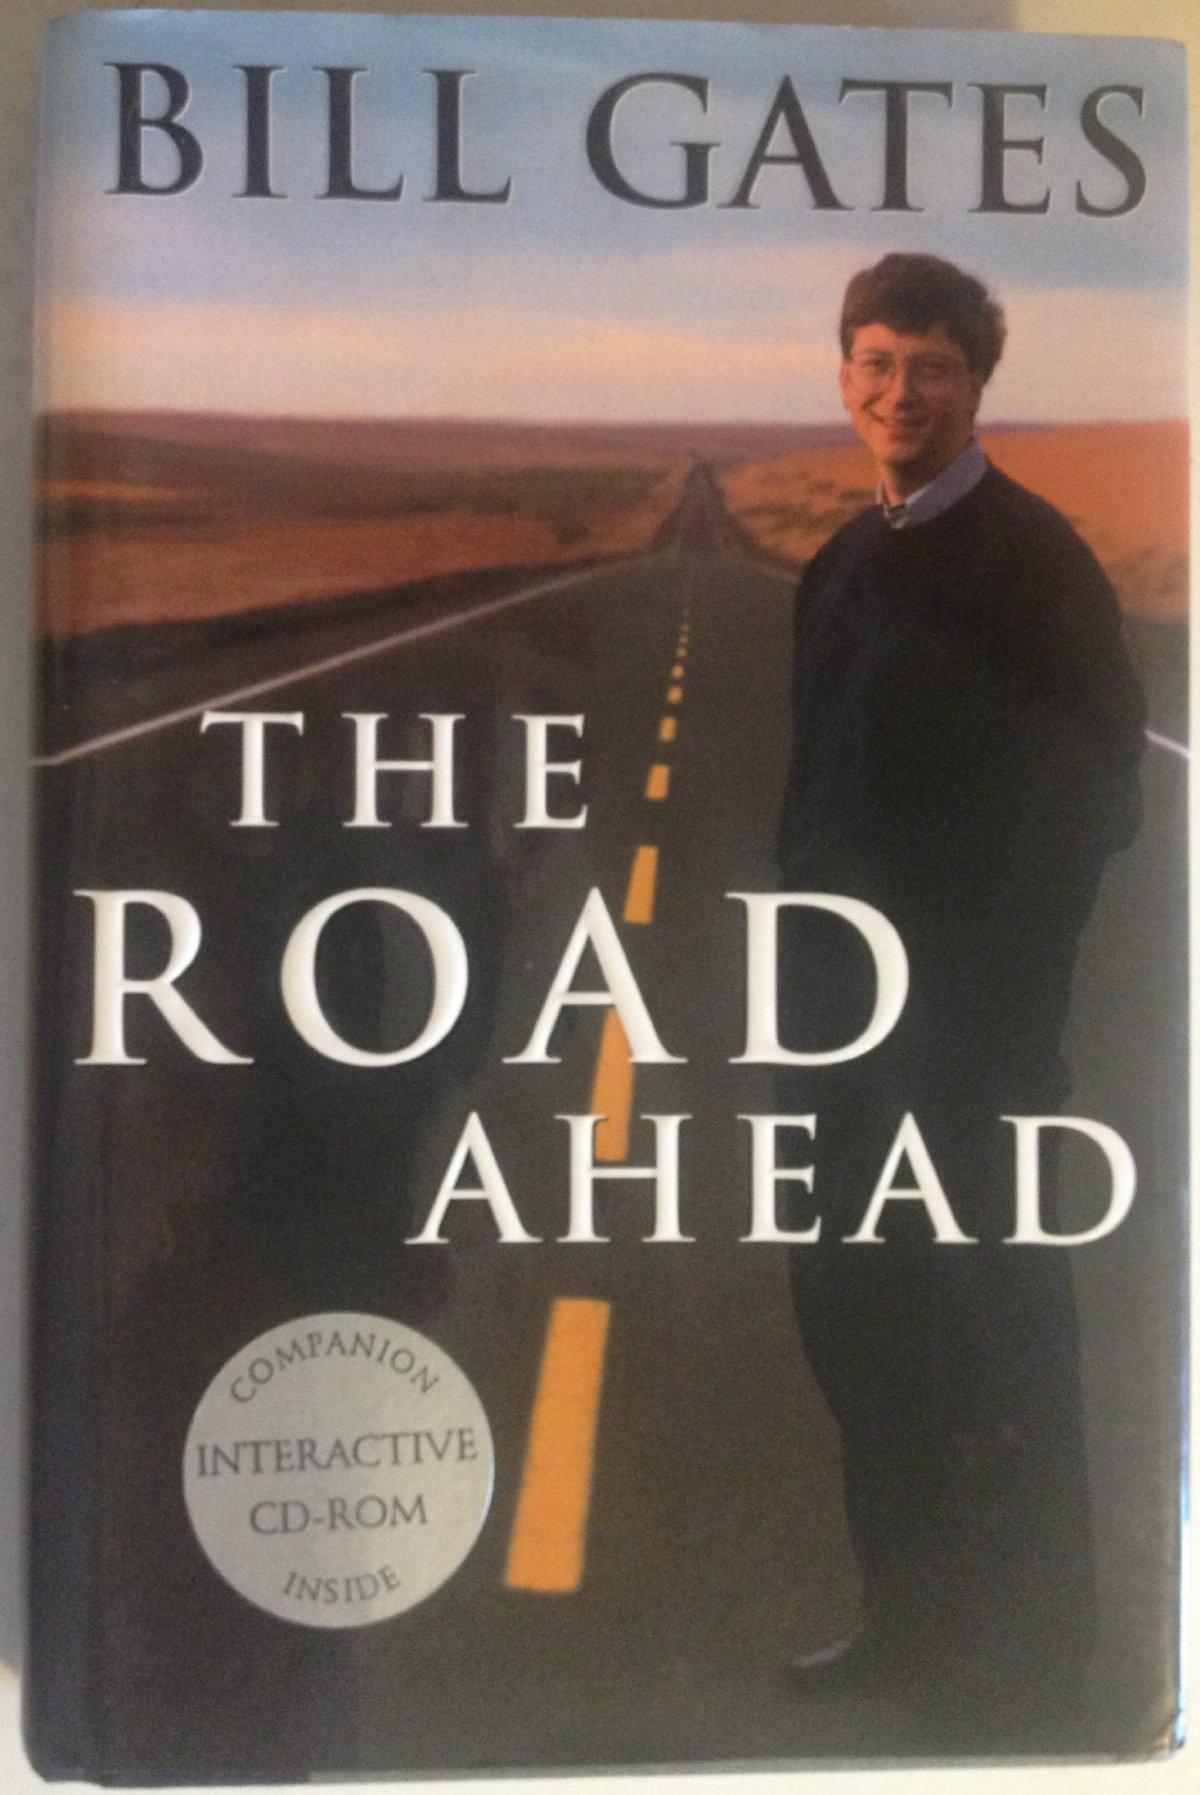 در سال ۱۹۹۵ و در کتاب خودش با عنوان «جاده پیش رو» (The Road Ahead)، گیتس یکی از جملات عجیبش را می نویسد. وی در کتاب یاد شده می گوید که اینترنت یک مقوله کاملا جدید است که در آینده تبدیل رشد یافته و از حالت کنونی اش برتری می یابد: «اینترنتِ امروز، آن بزرگراه اطلاعاتی که من تصور می کنم نیست، هر چند، شما می توانید به آن همچون آغاز یک بزرگراه فکر کنید.»